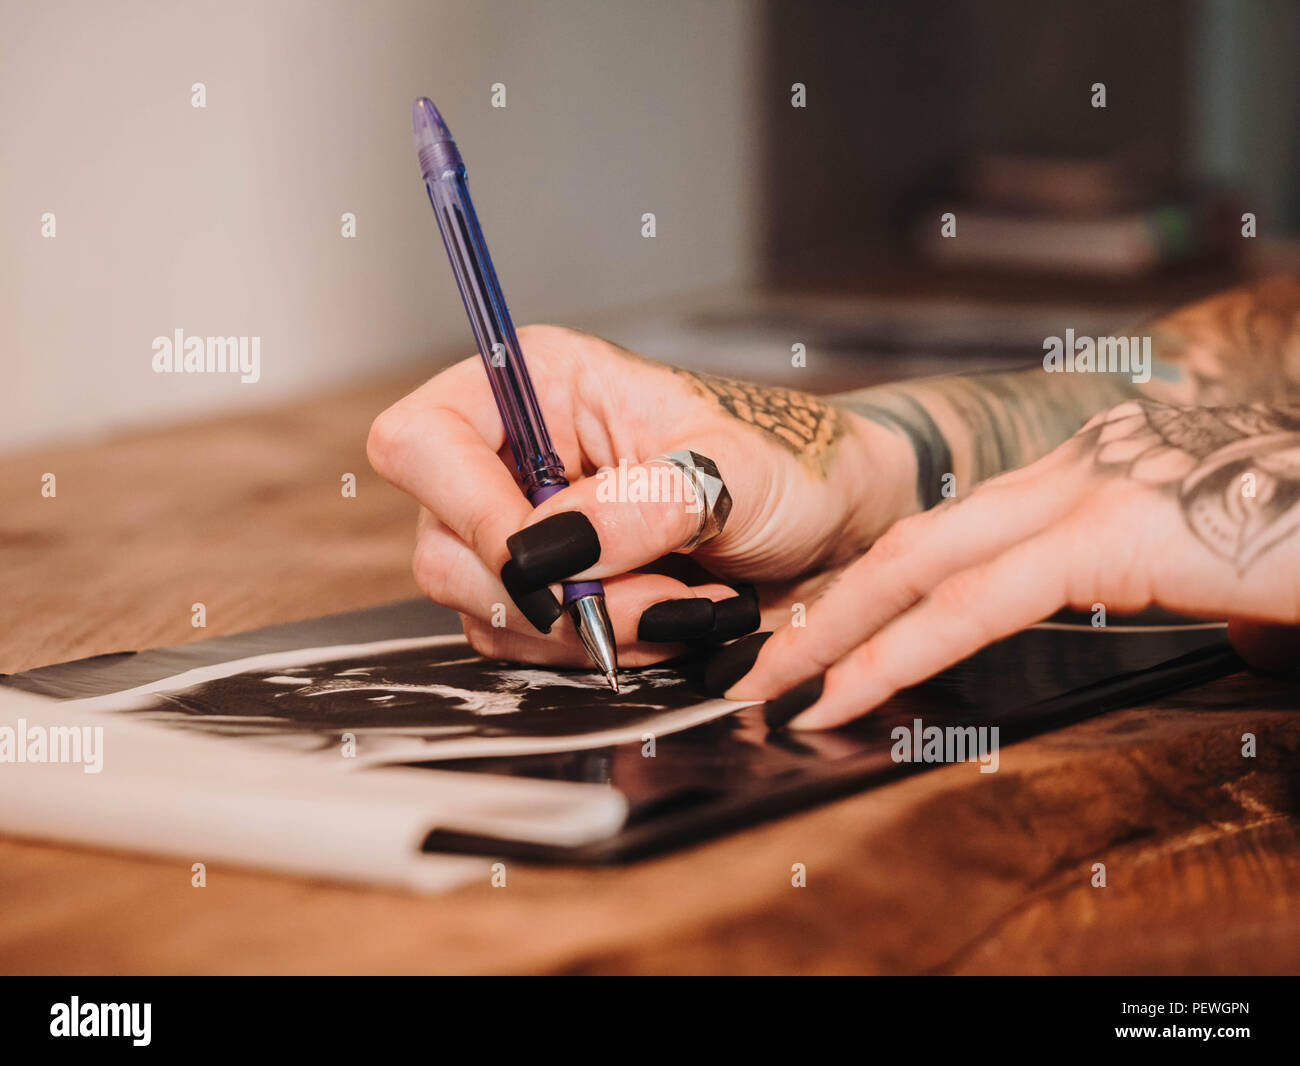 Tattoo Artist Illustrazione Di Disegno Del Cranio All Interno Di